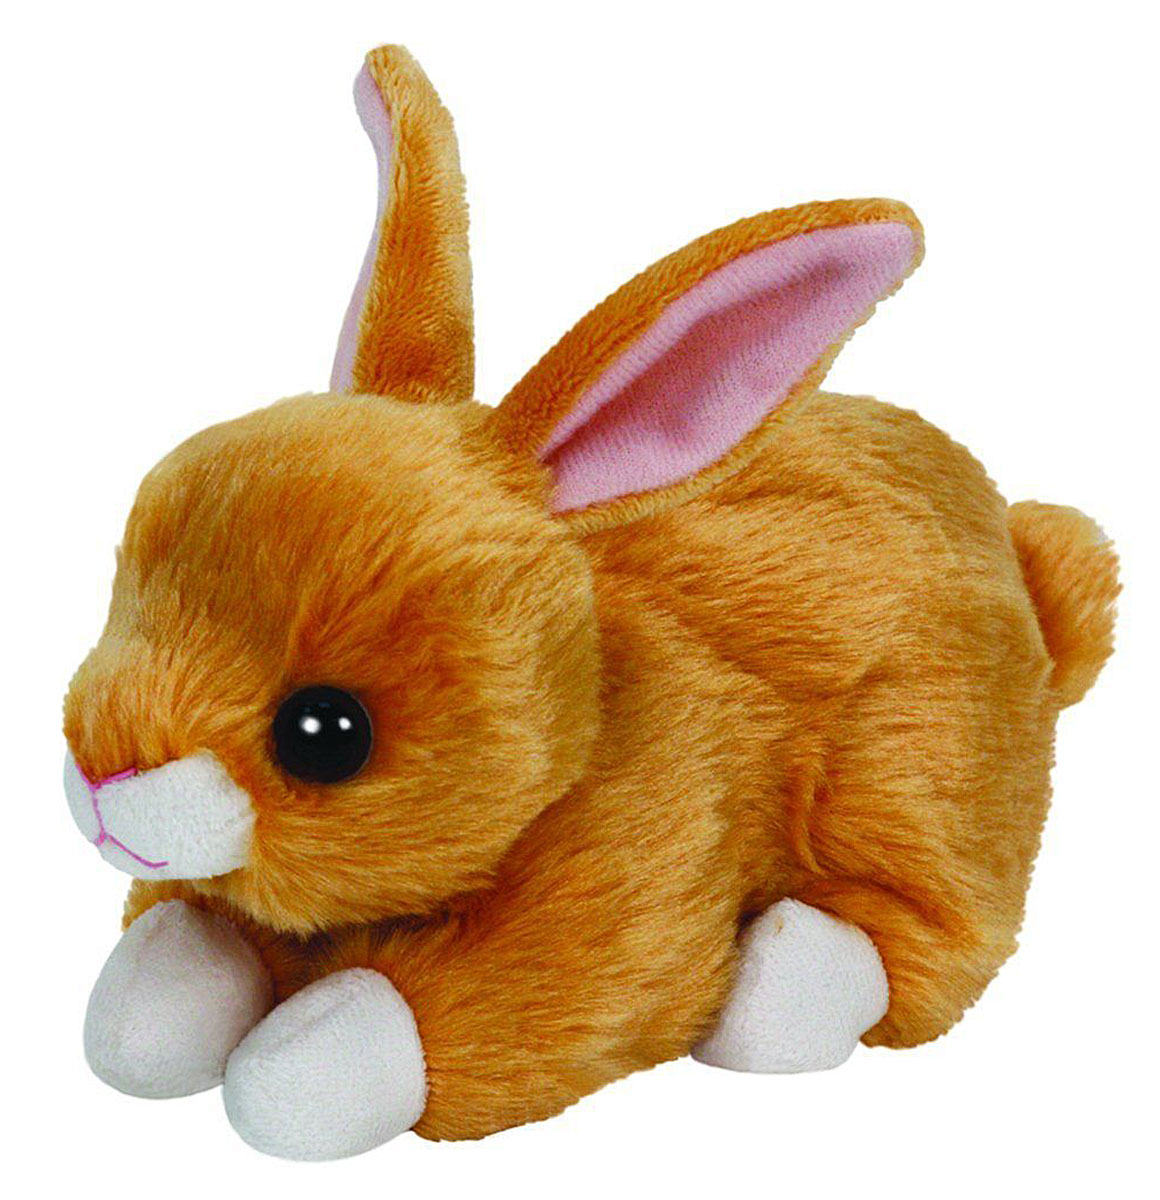 картинка зайца игрушечного сообщение пришло